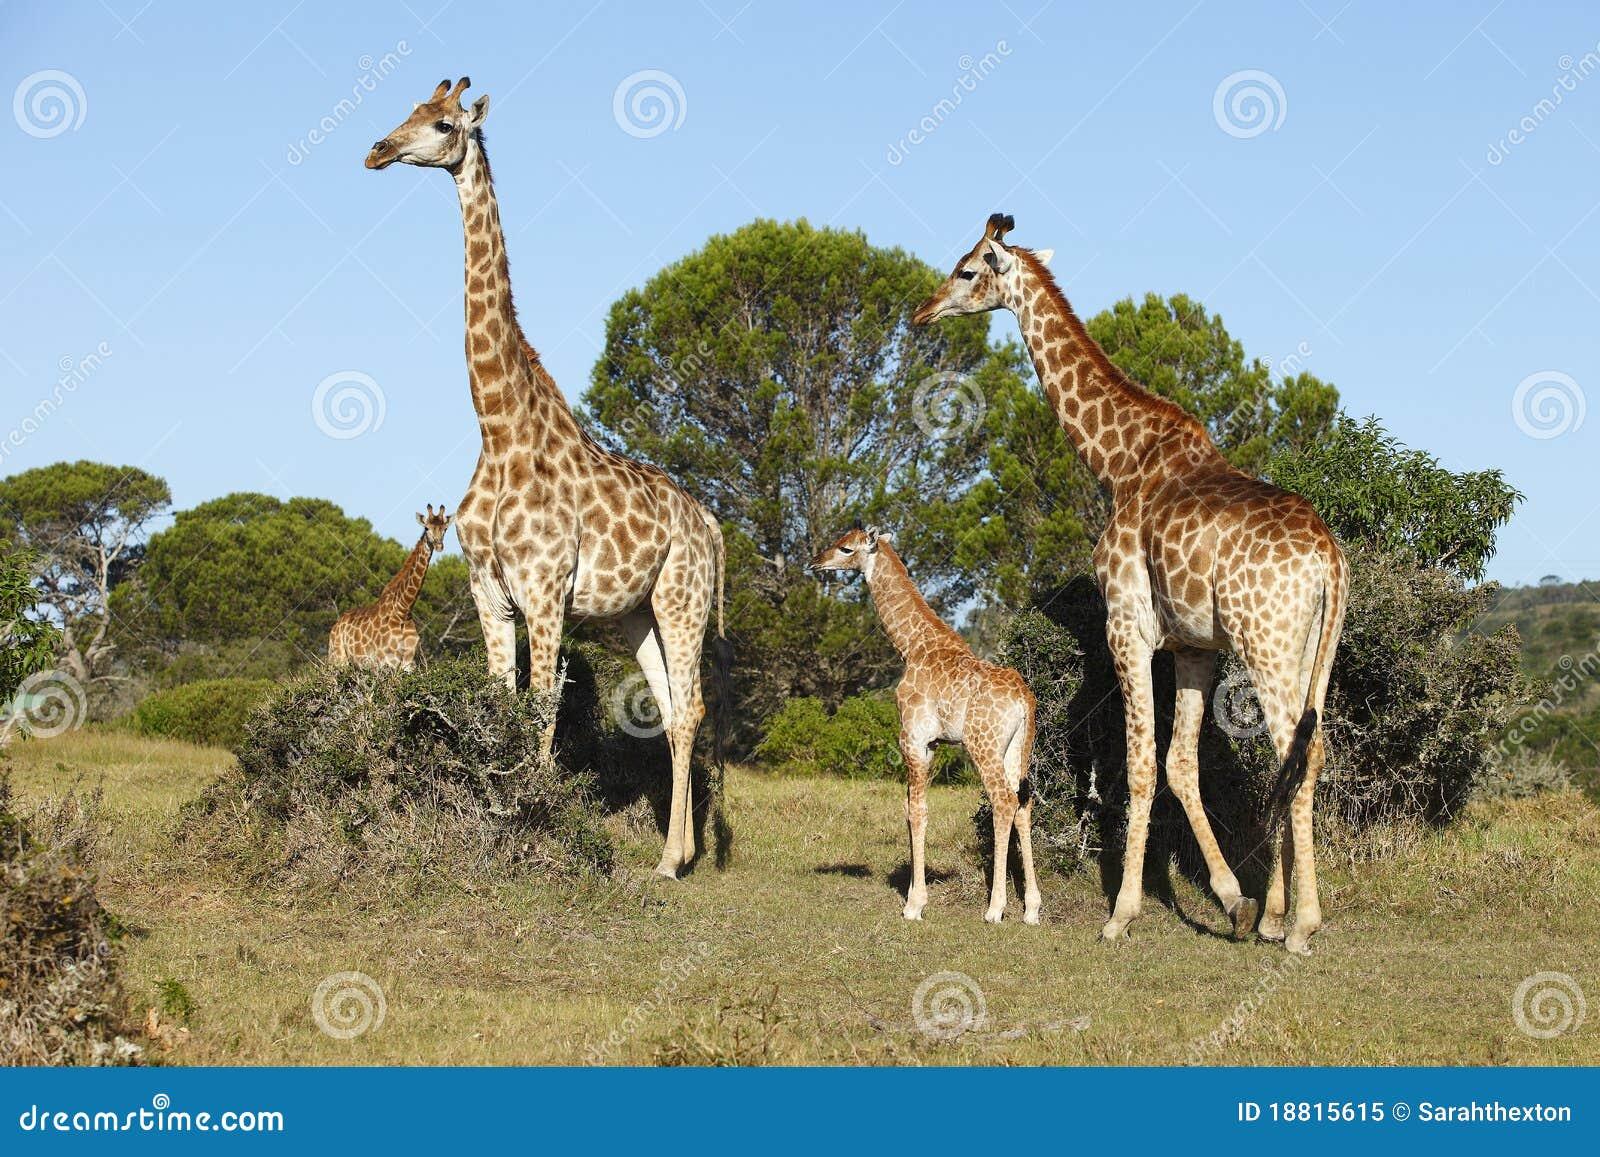 Giraffe family African bush